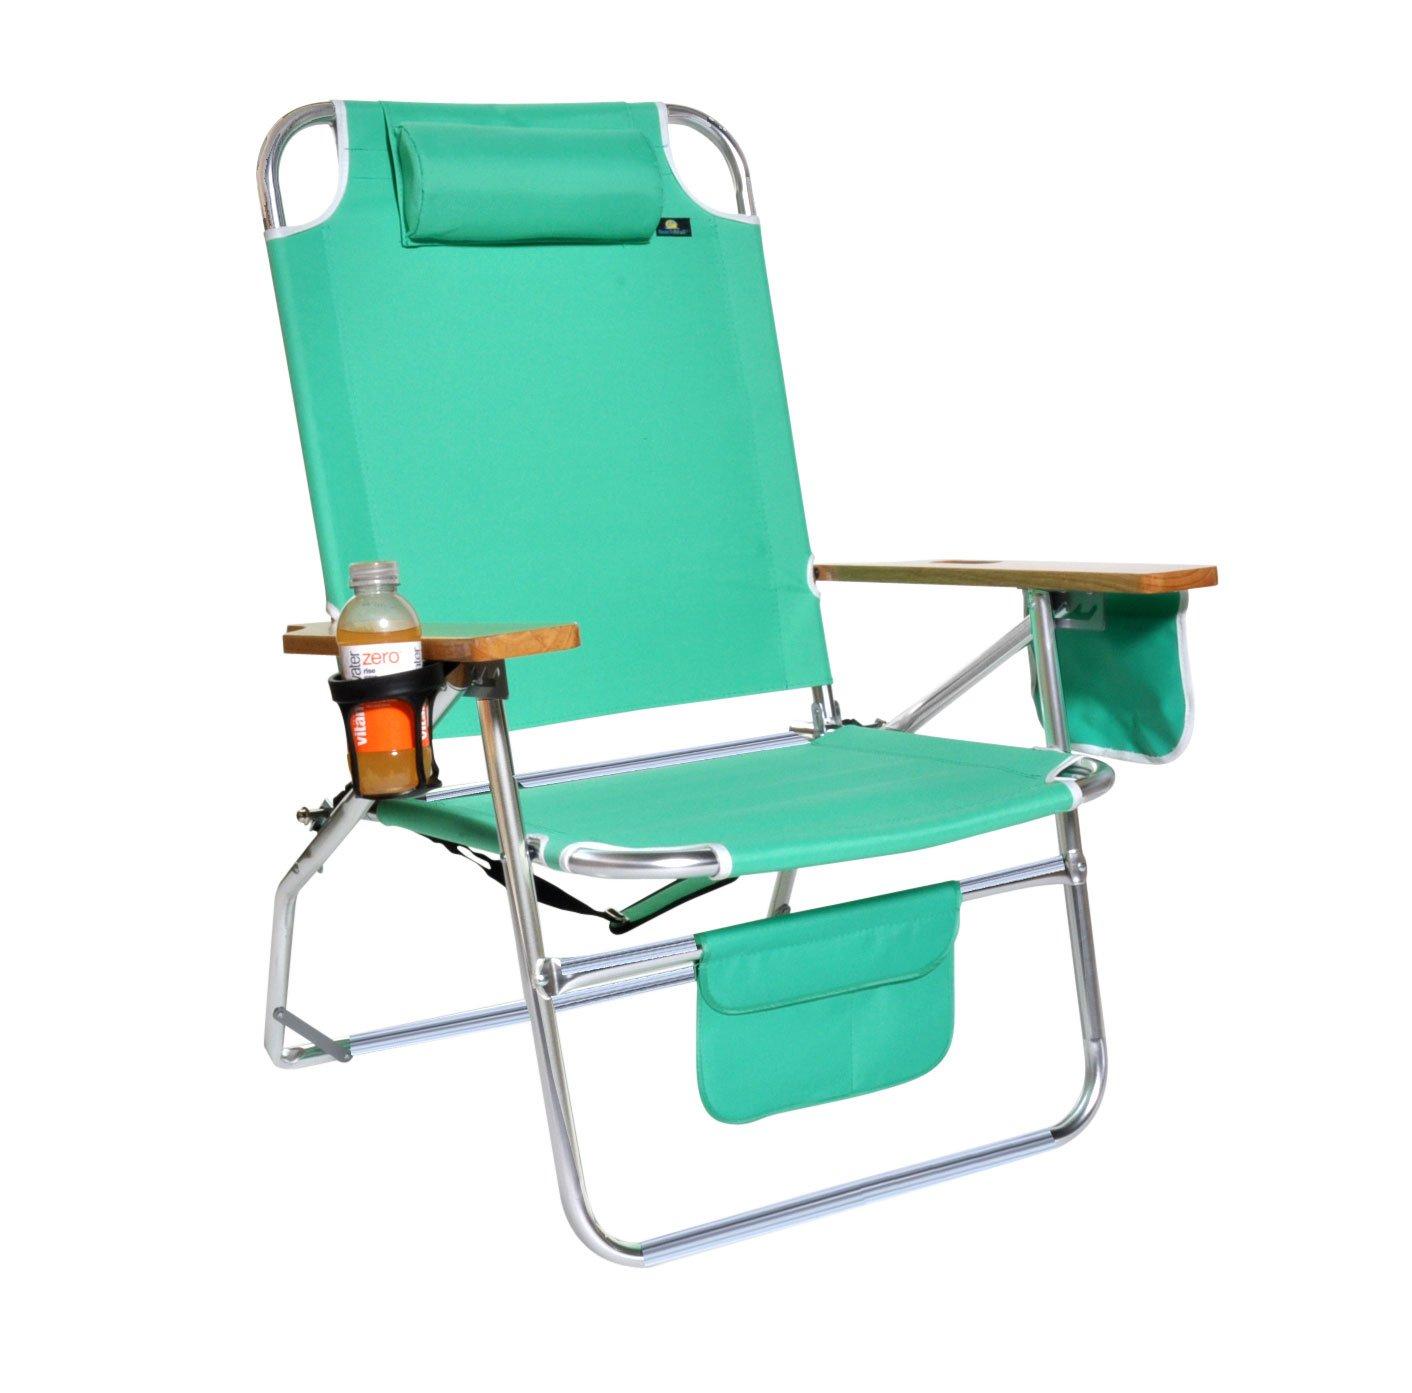 Big Jumbo Heavy Duty 500 lbs Chair